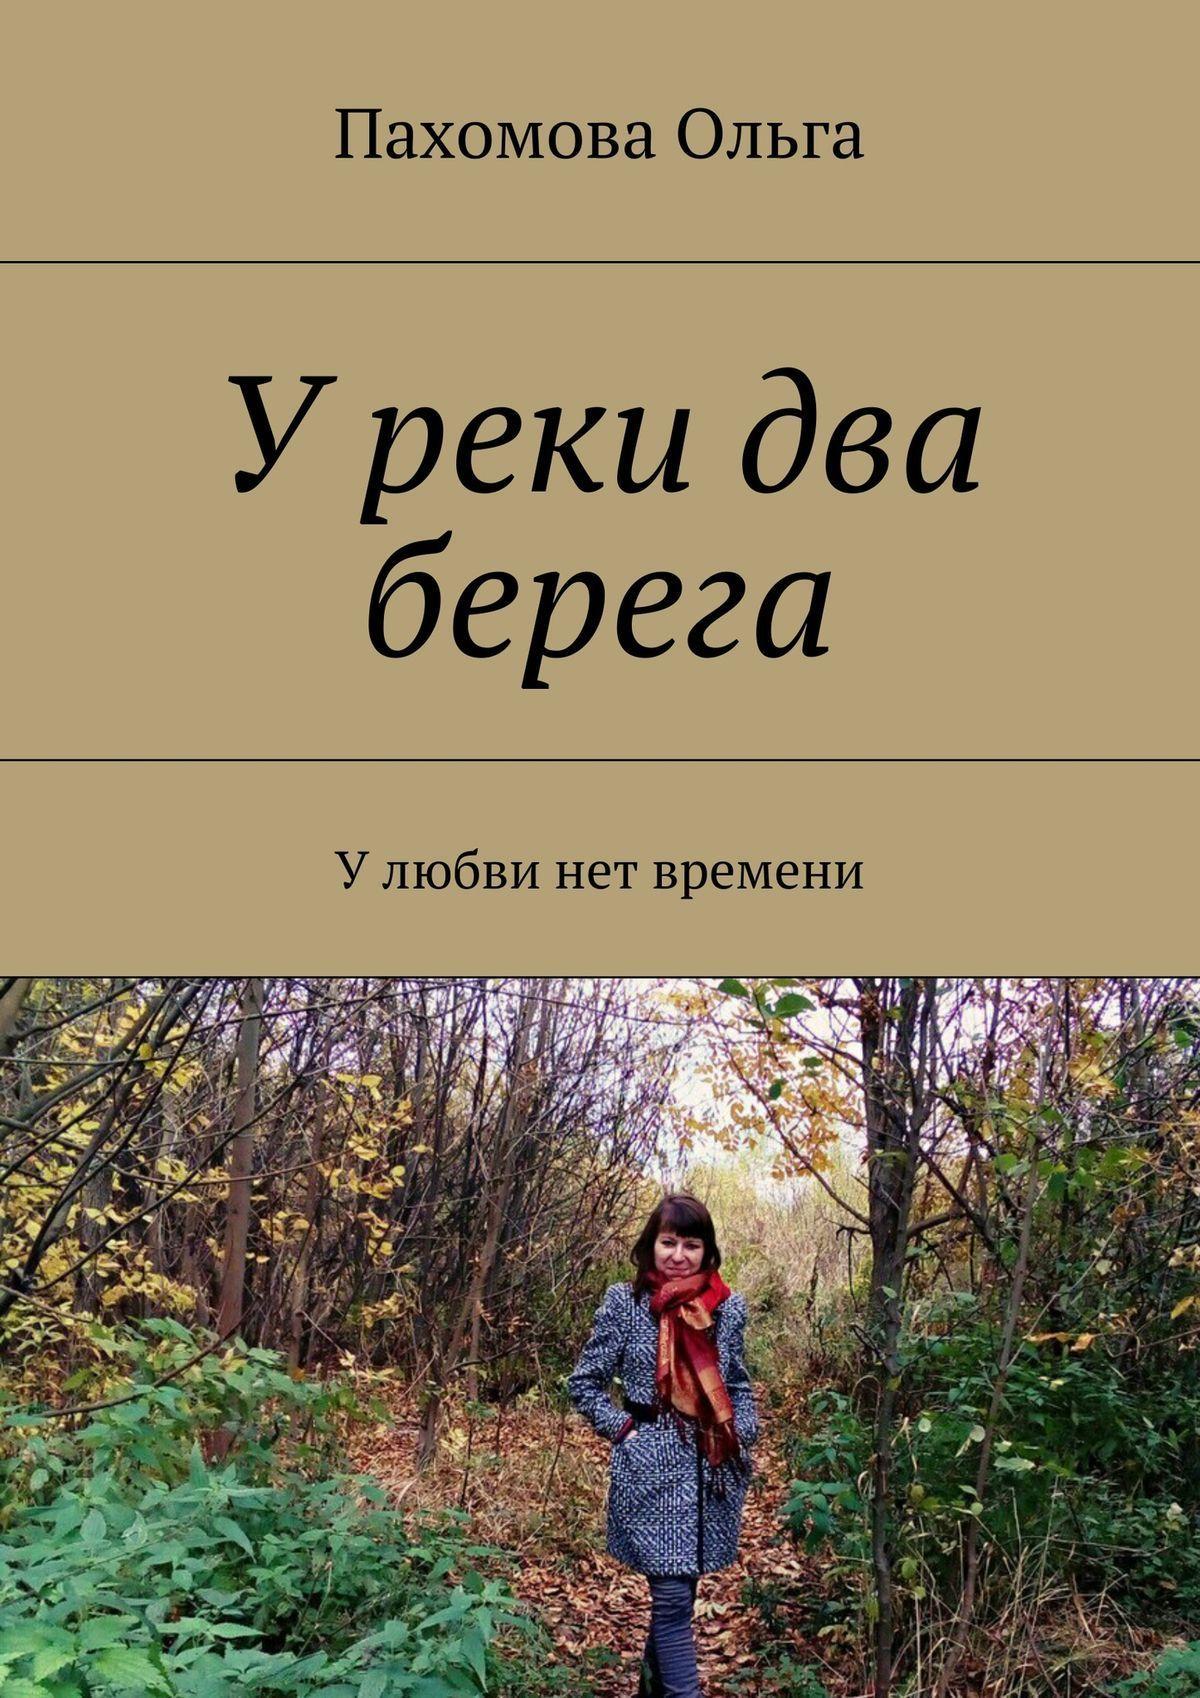 Ольга Ивановна Пахомова Уреки два берега. Улюбви нет времени маховская ольга ивановна